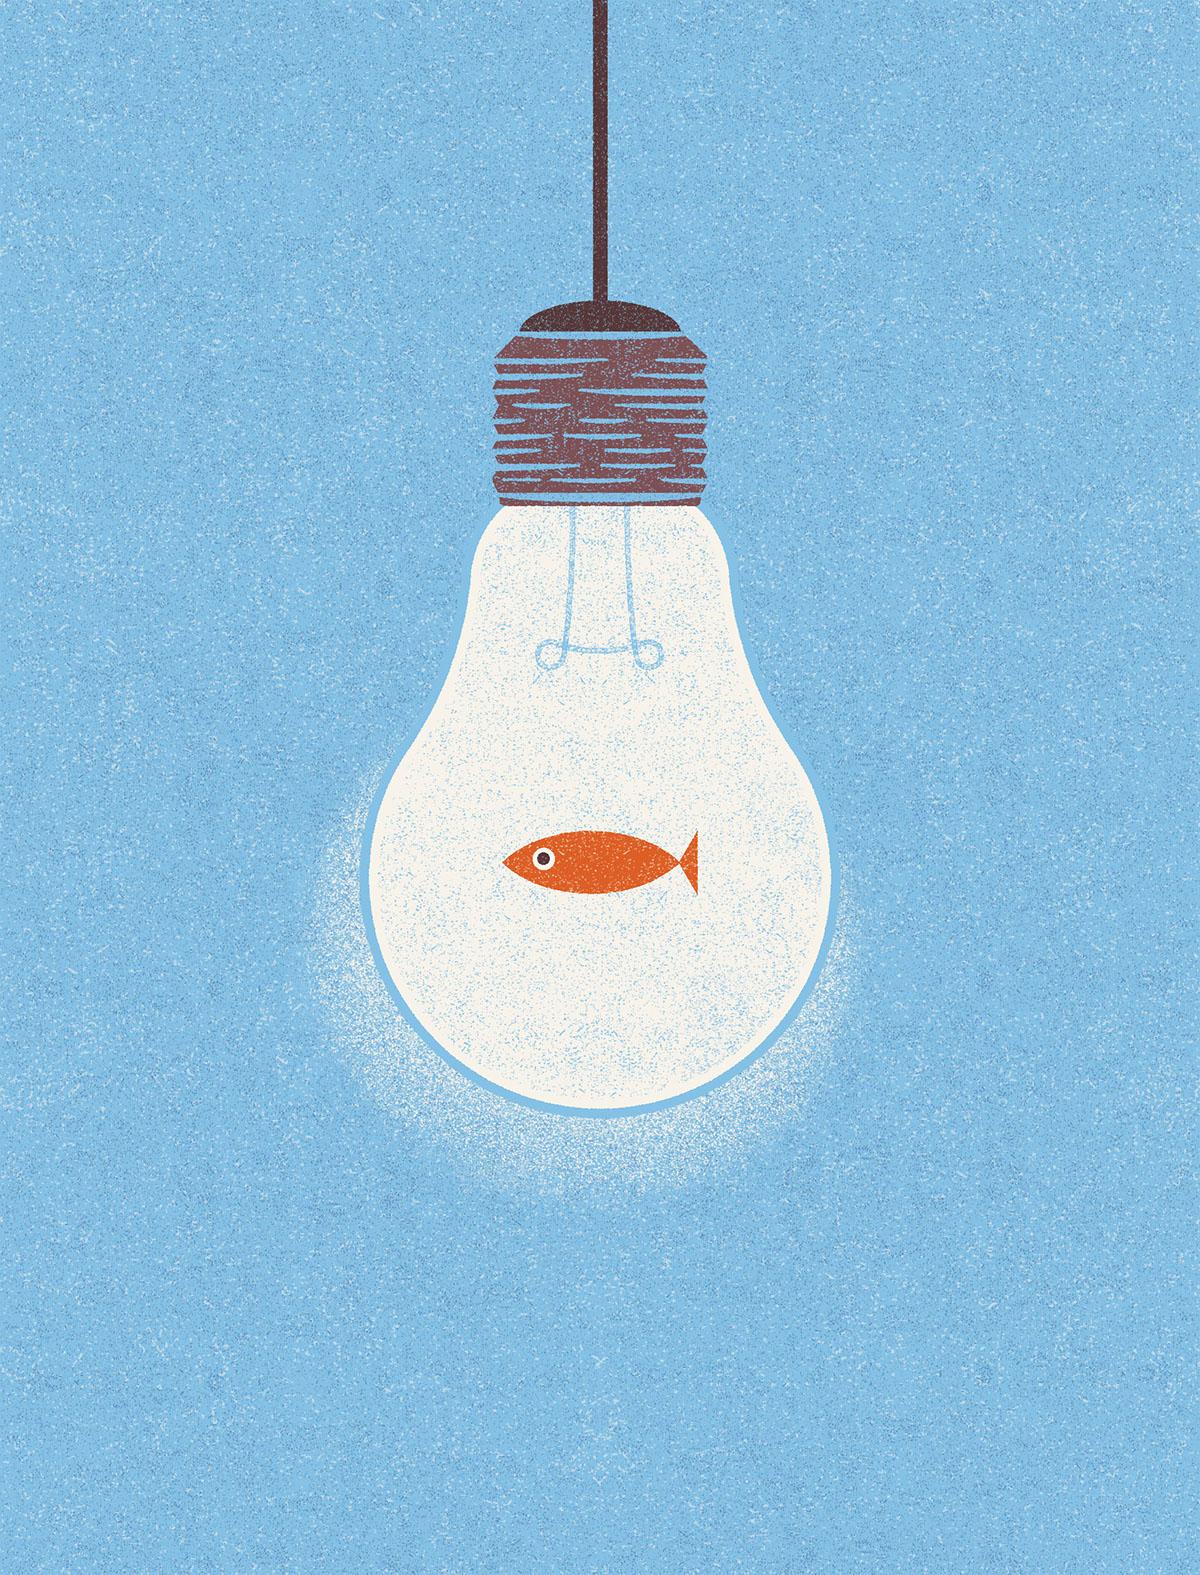 Le storie semplici illustrate da Andrius Banelis | Collater.al 12